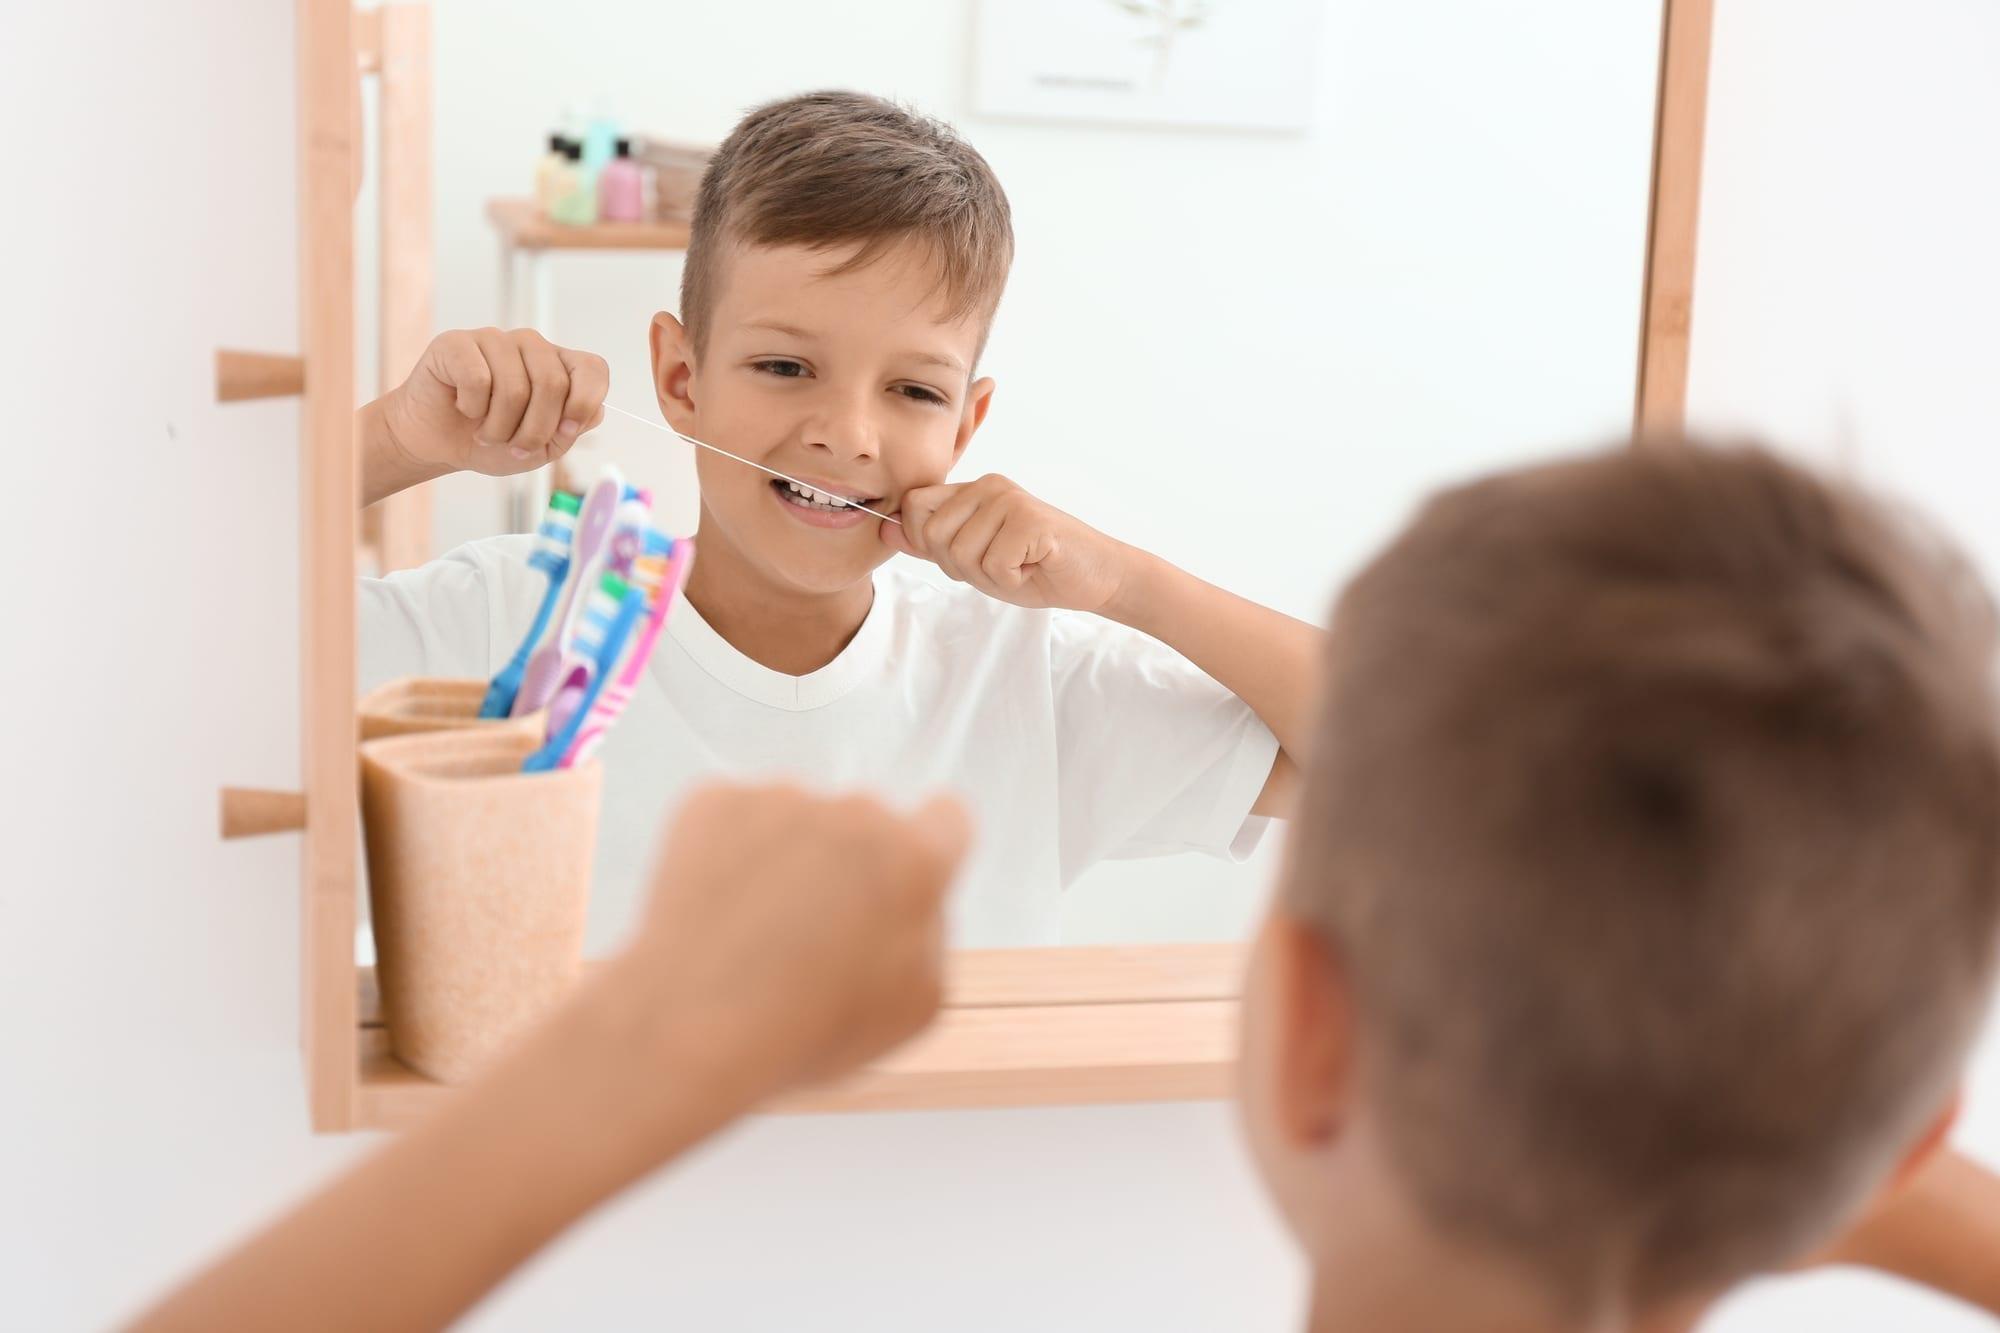 Little boy flossing teeth in bathroom mirror